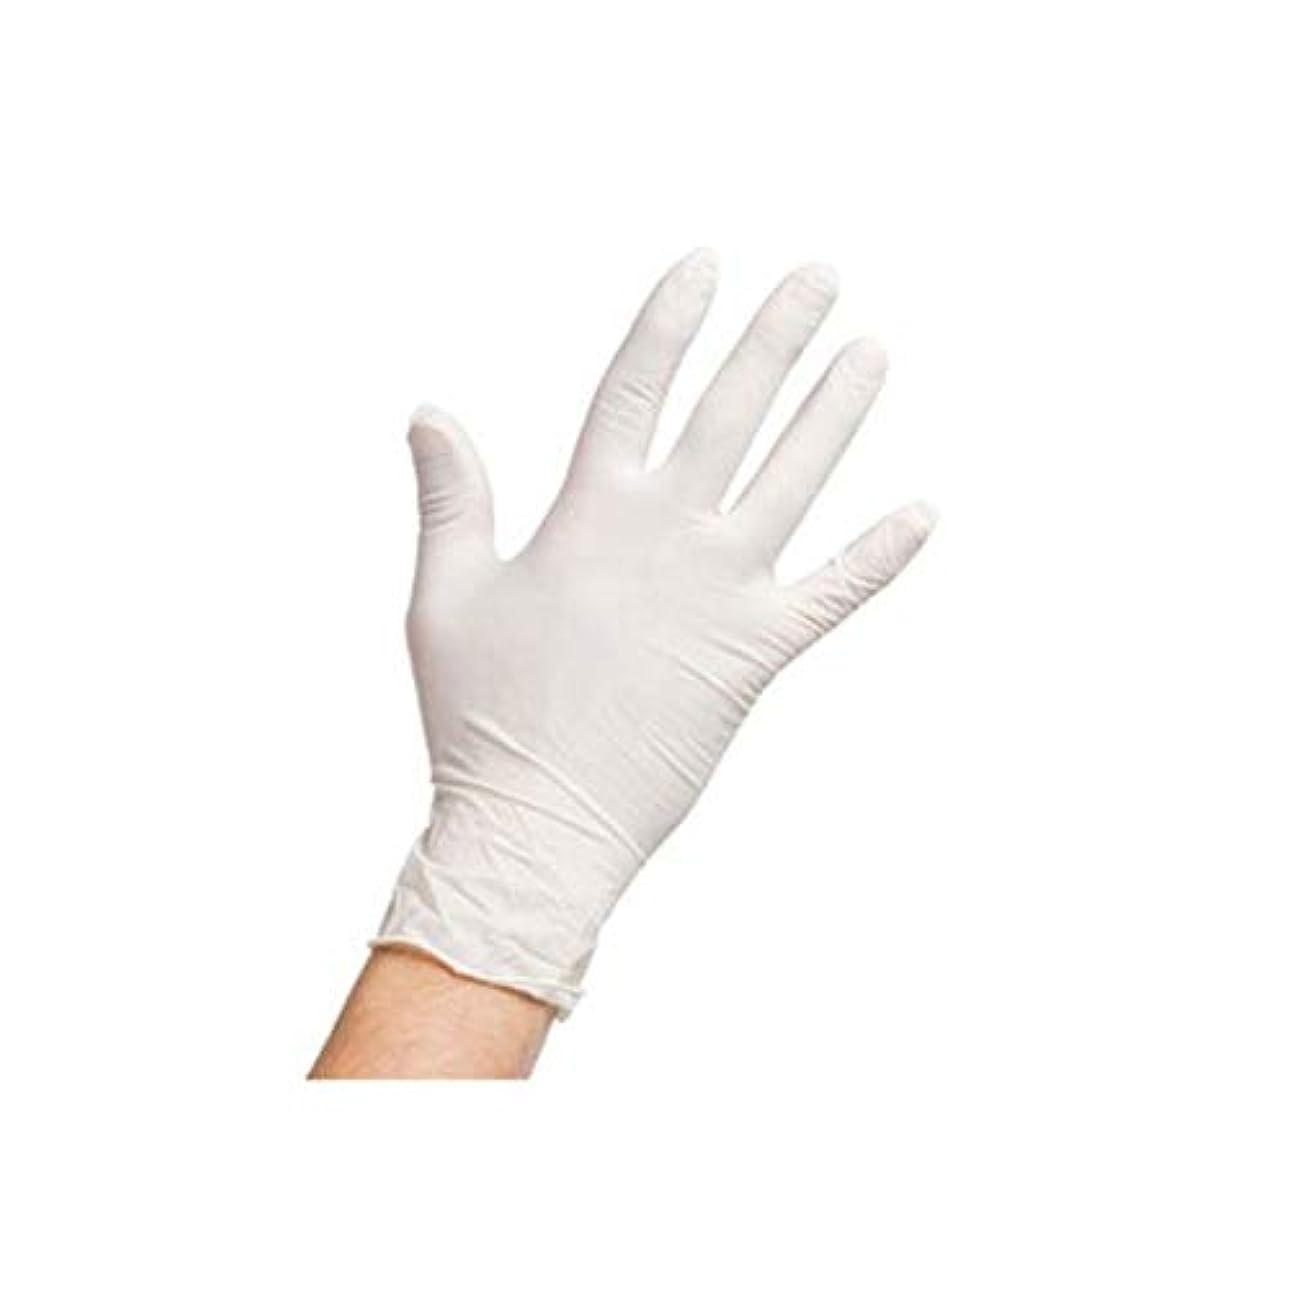 薬局文字同一の(A1ラテックス) 最高品質のLatex手袋 ニトリル手袋 パウダーフリー 無粉末 200枚(6g Latex、4g Nitrile)【海外配送商品】【並行輸入品】 (S)